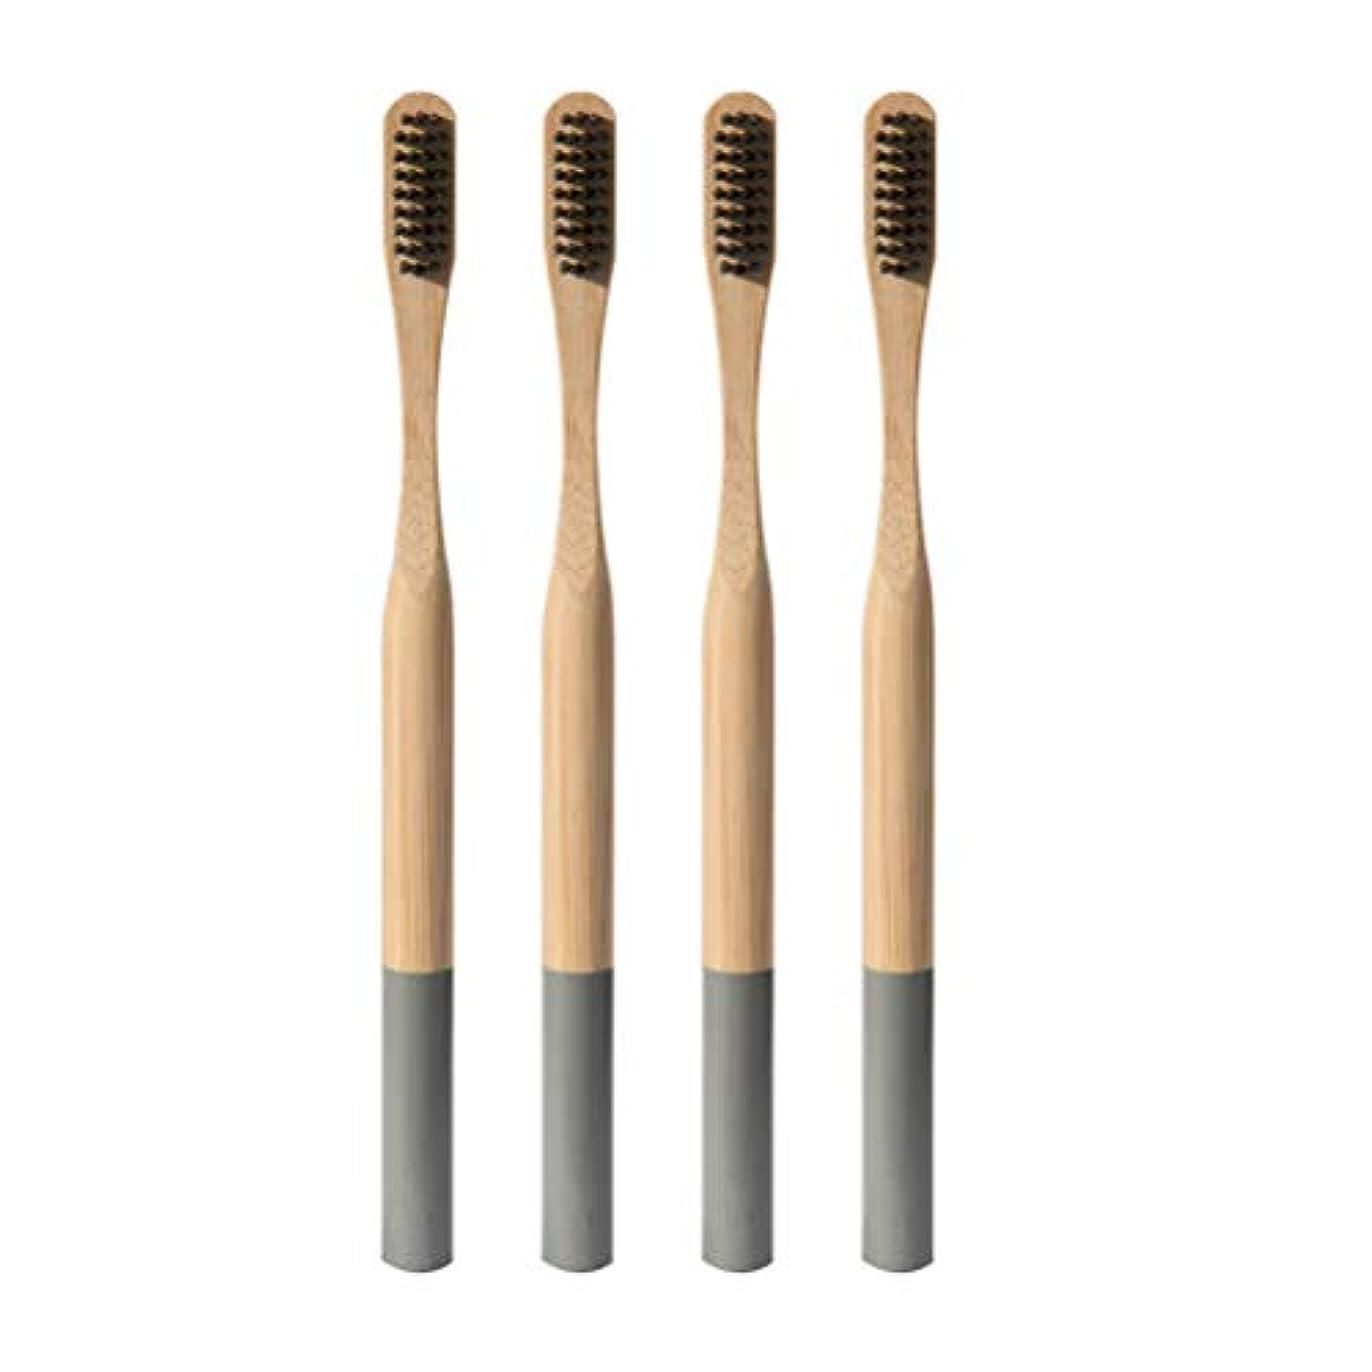 パーツノベルティジレンマHeallily 竹歯ブラシ4ピースソフトブリッスル歯ブラシ生分解性、環境に優しいソフト歯ブラシ、大人用の細い毛を備えた抗菌歯ブラシ(グレー)